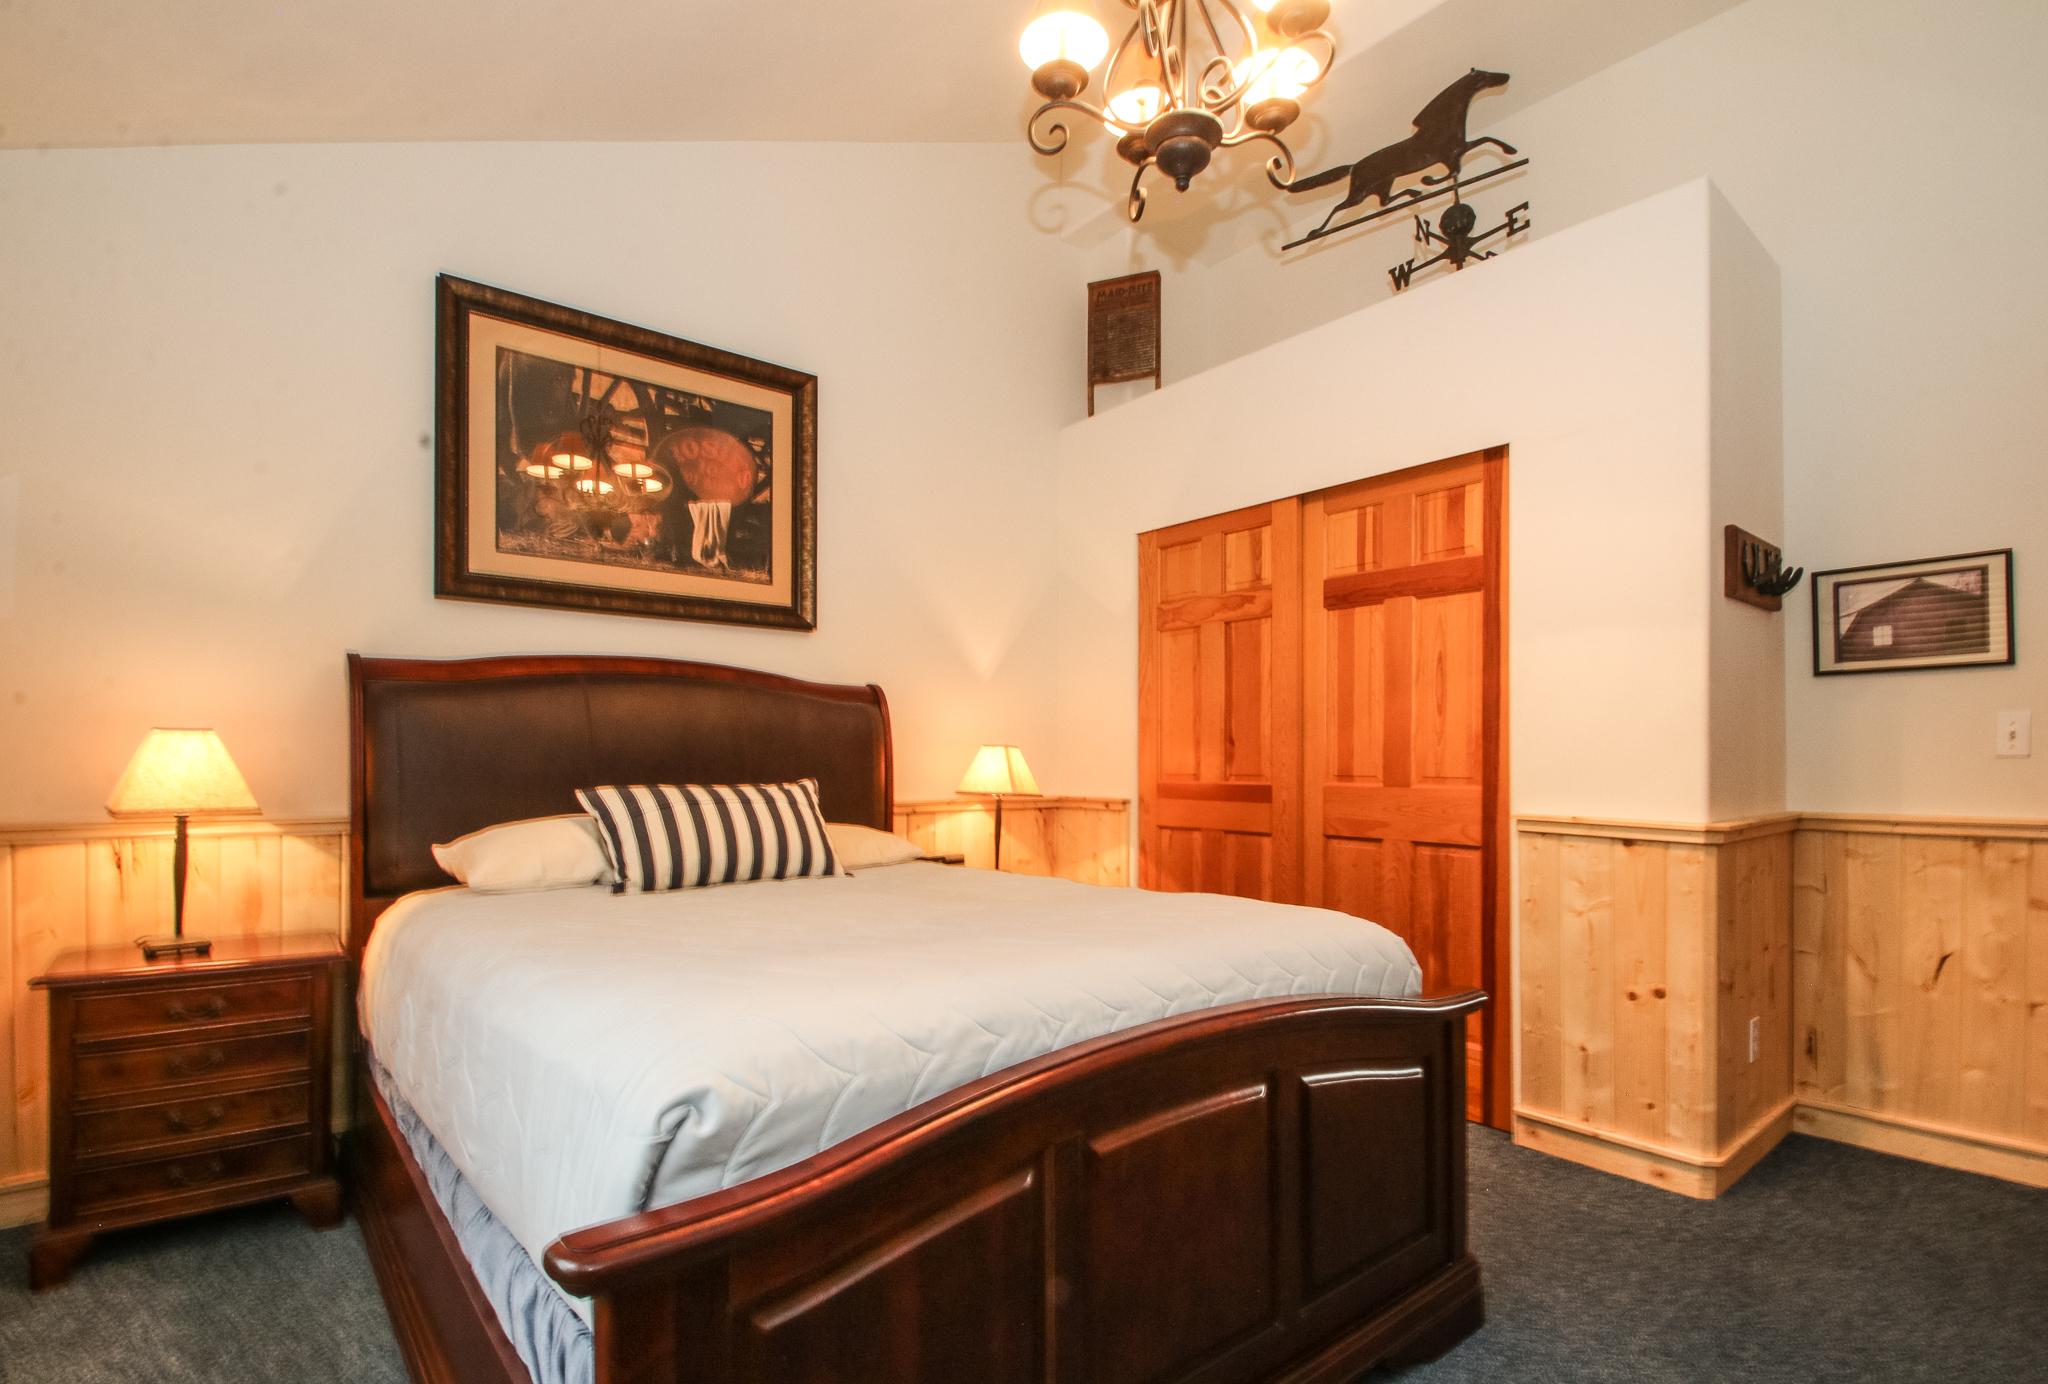 Alpine Acres Lodge Nw Comfy Cabins Vacation Rentals